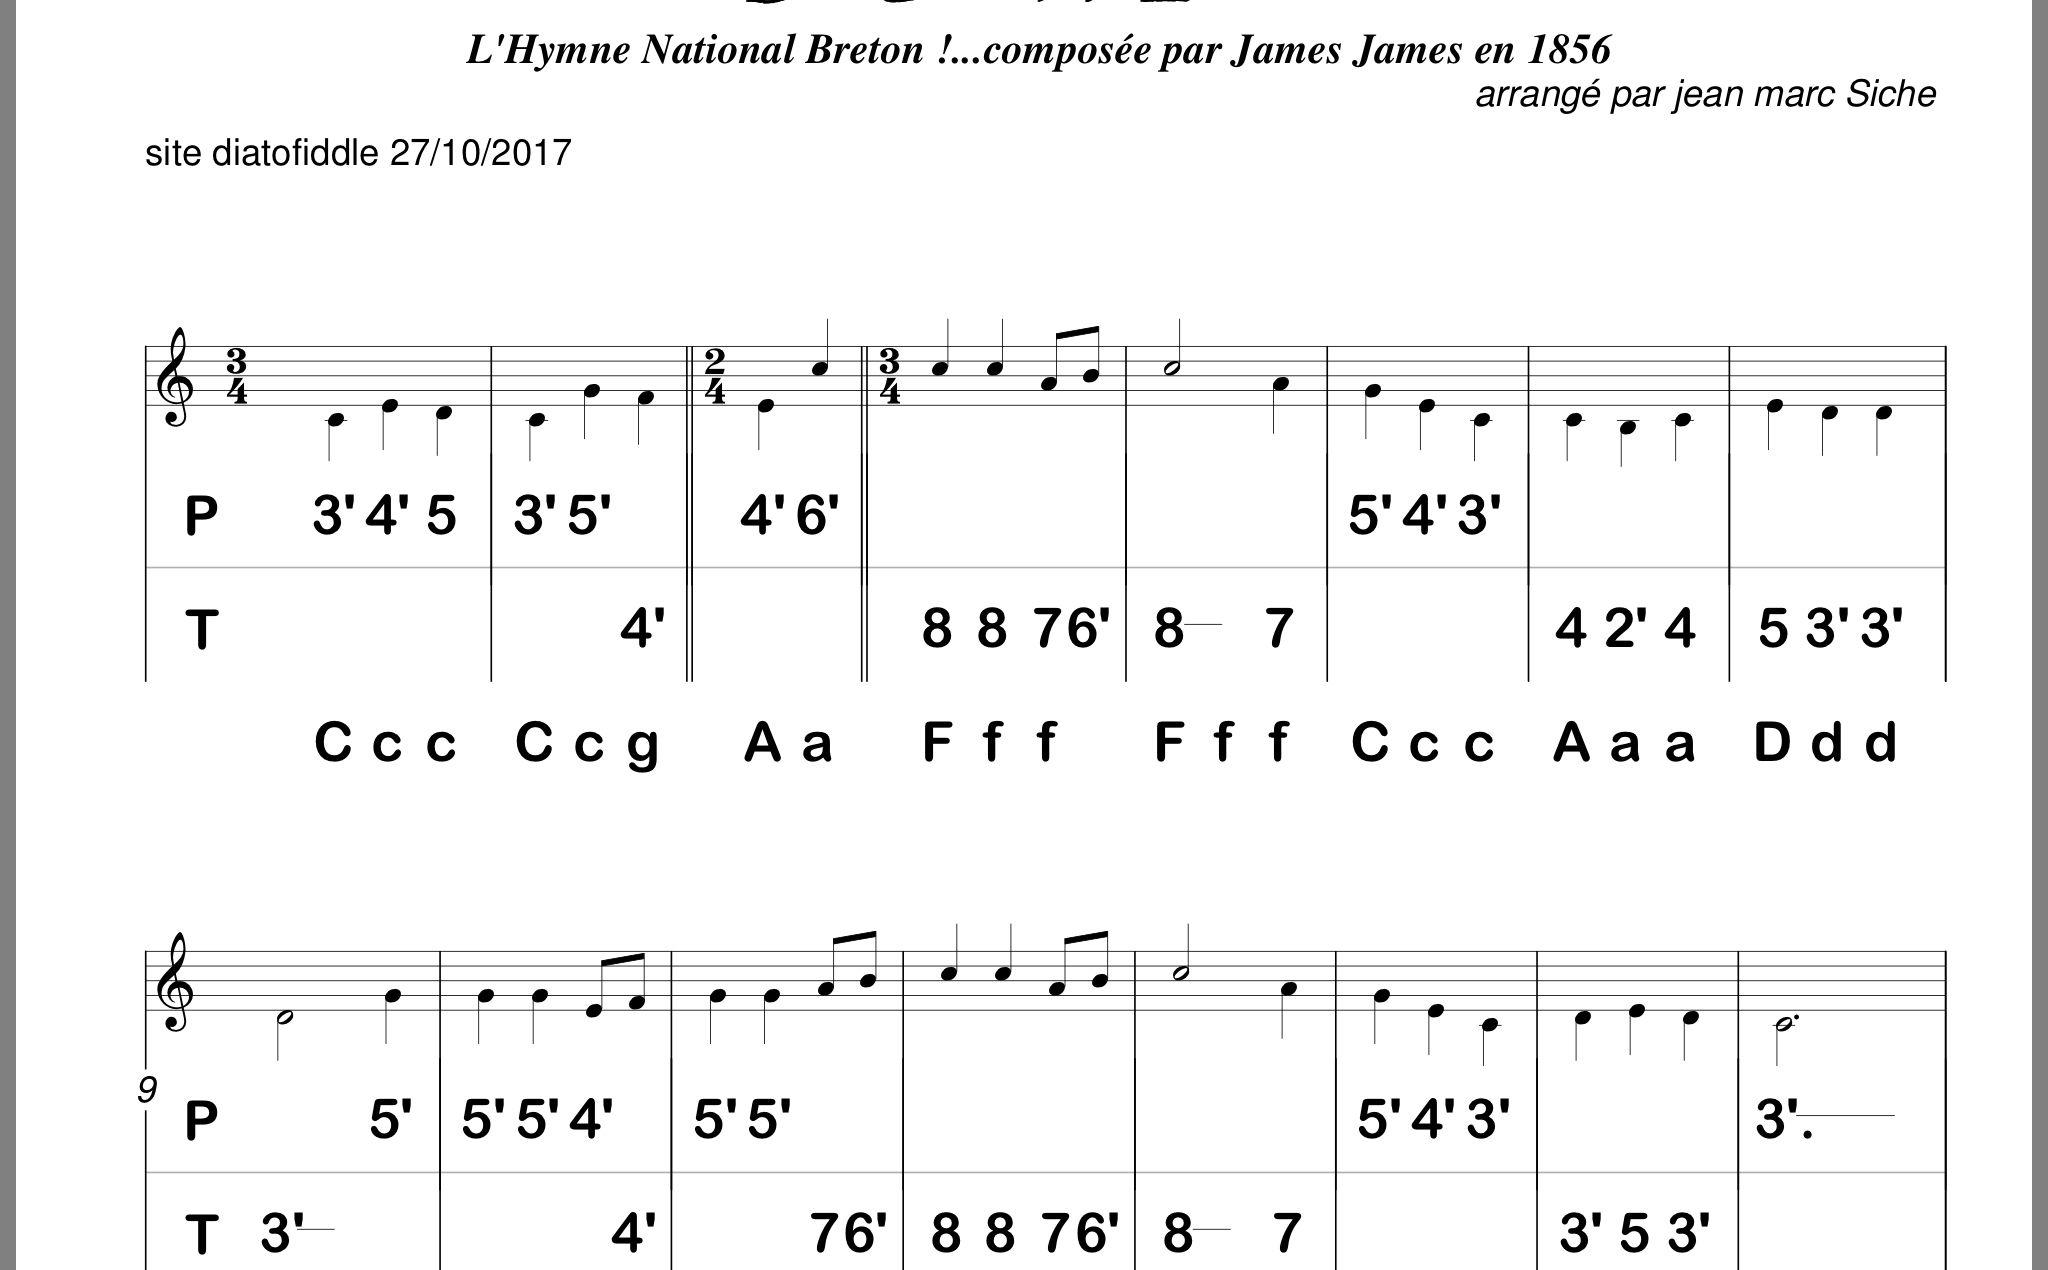 Épinglé par Mimi Mahot sur Accordéon Hymne national